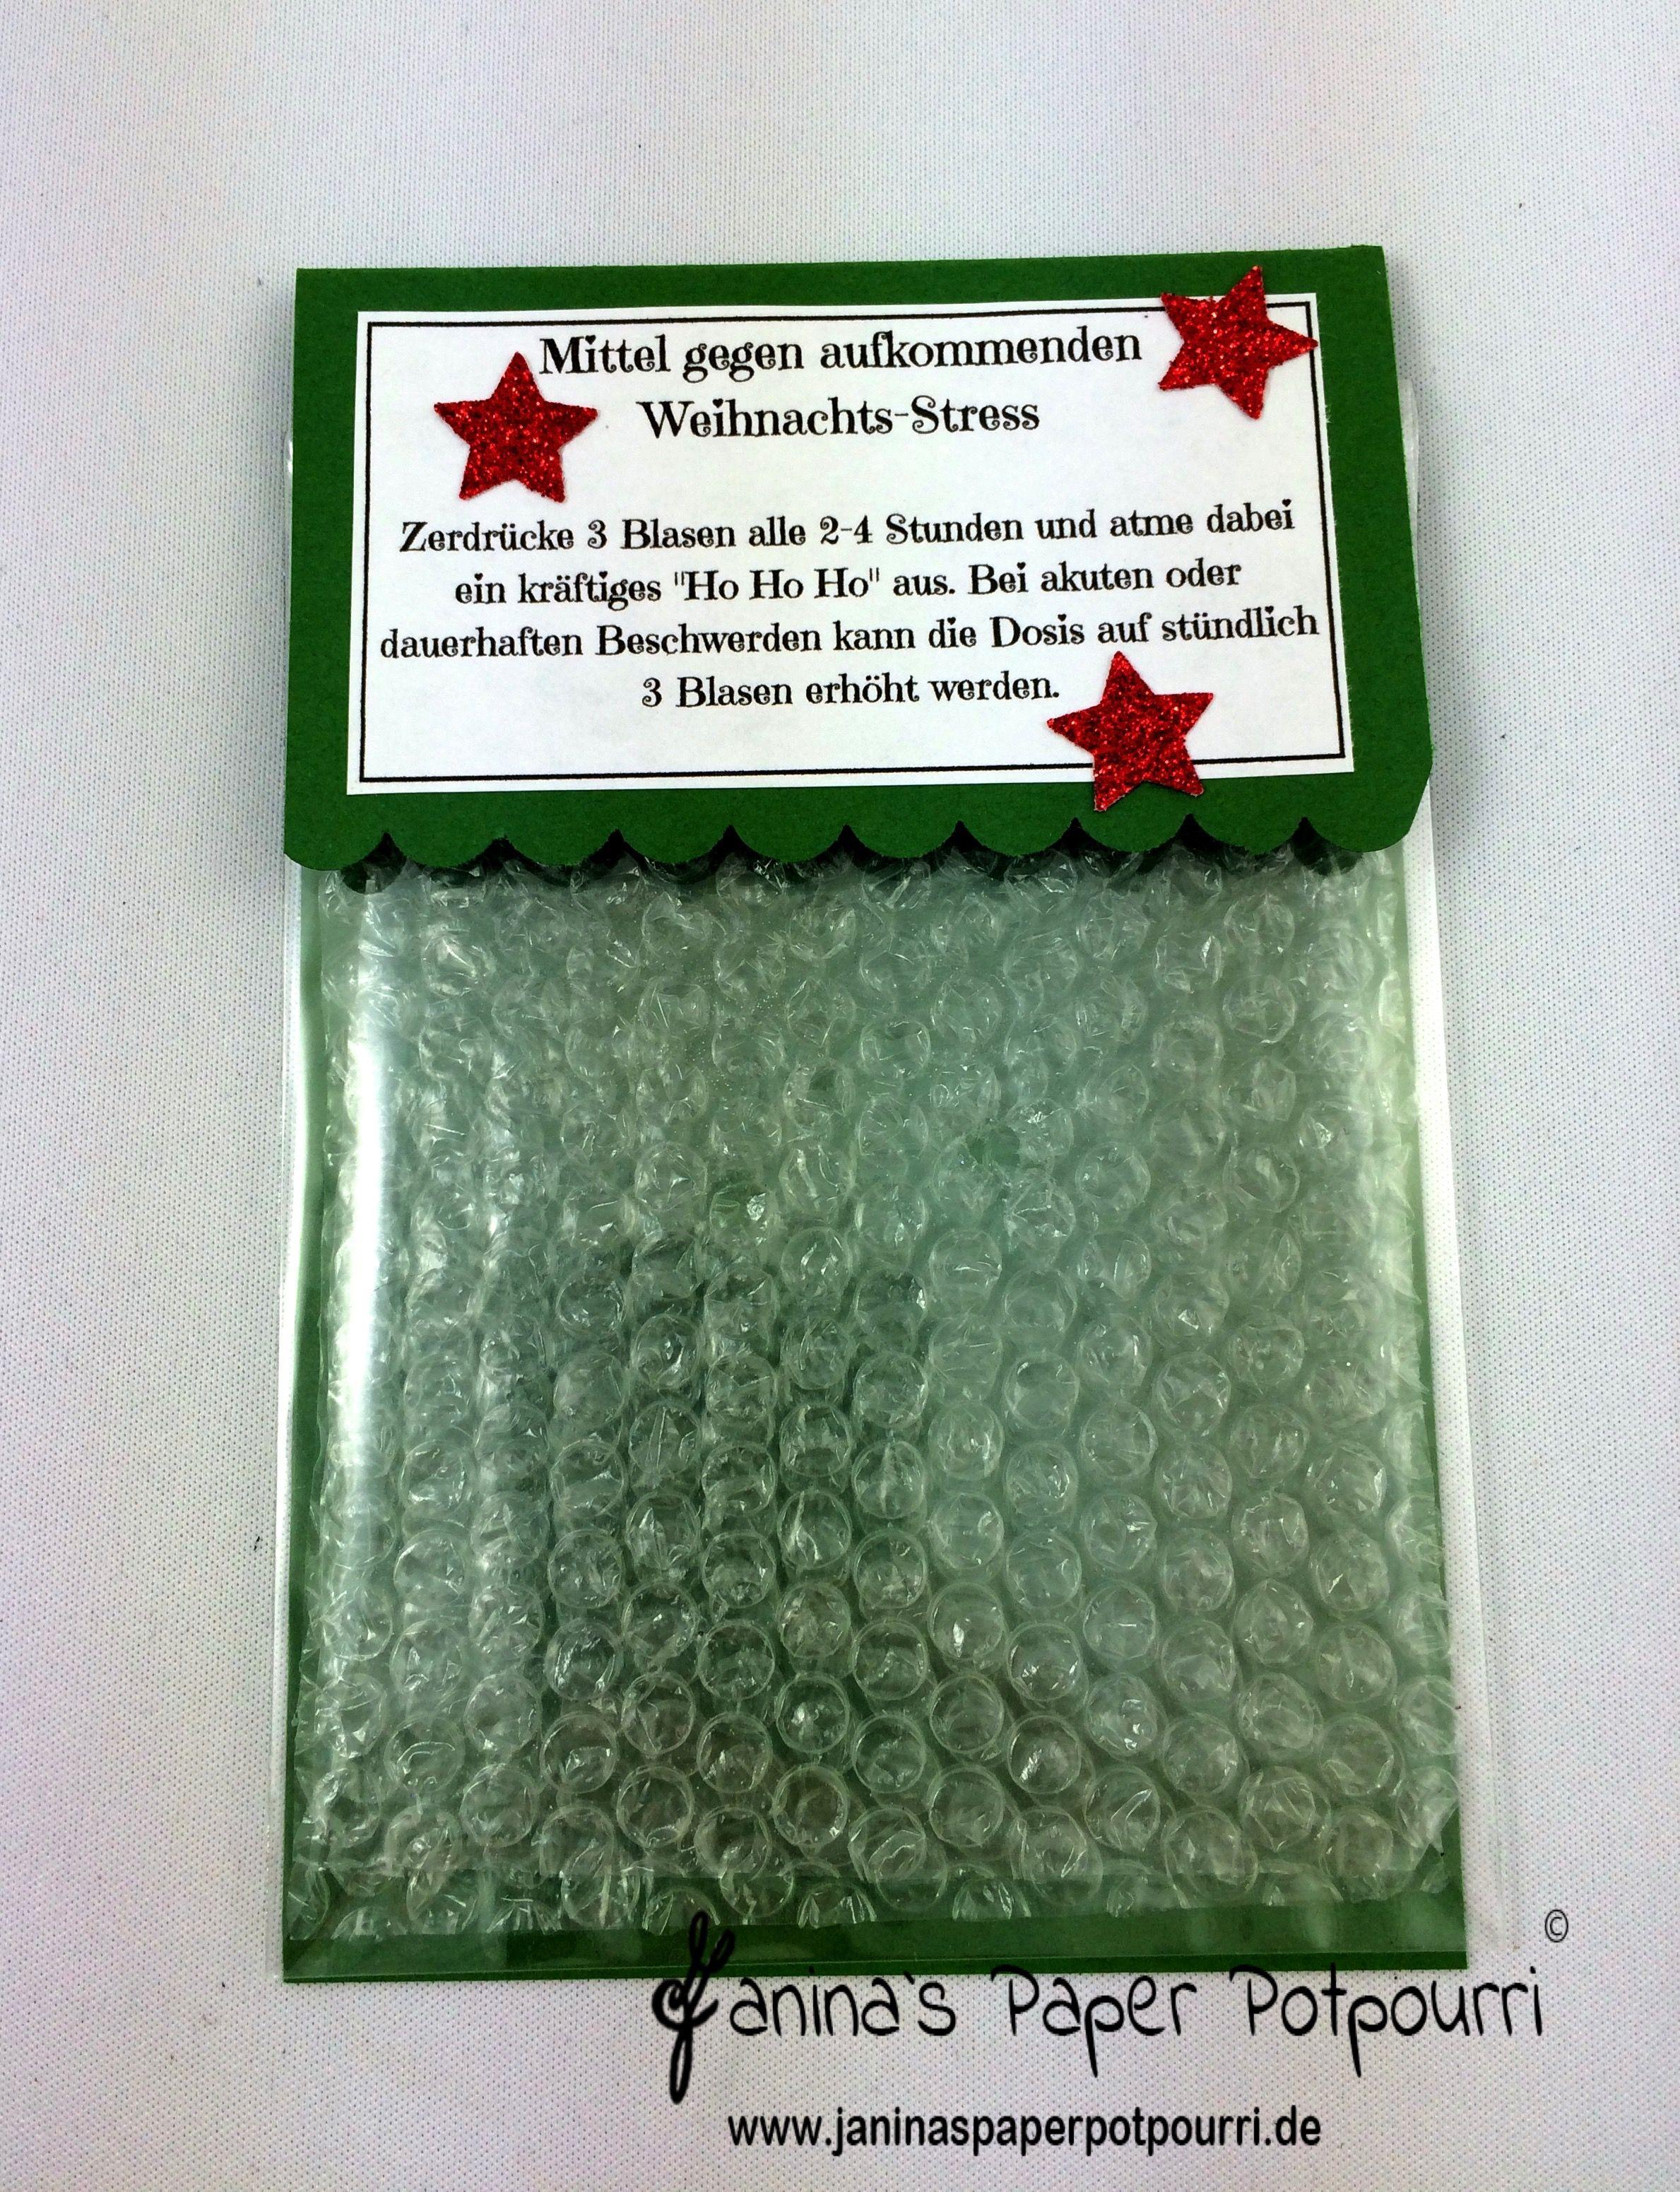 jpp - Mittel gegen Weihnachtsstress 3 | Geschenkidee | Pinterest ...